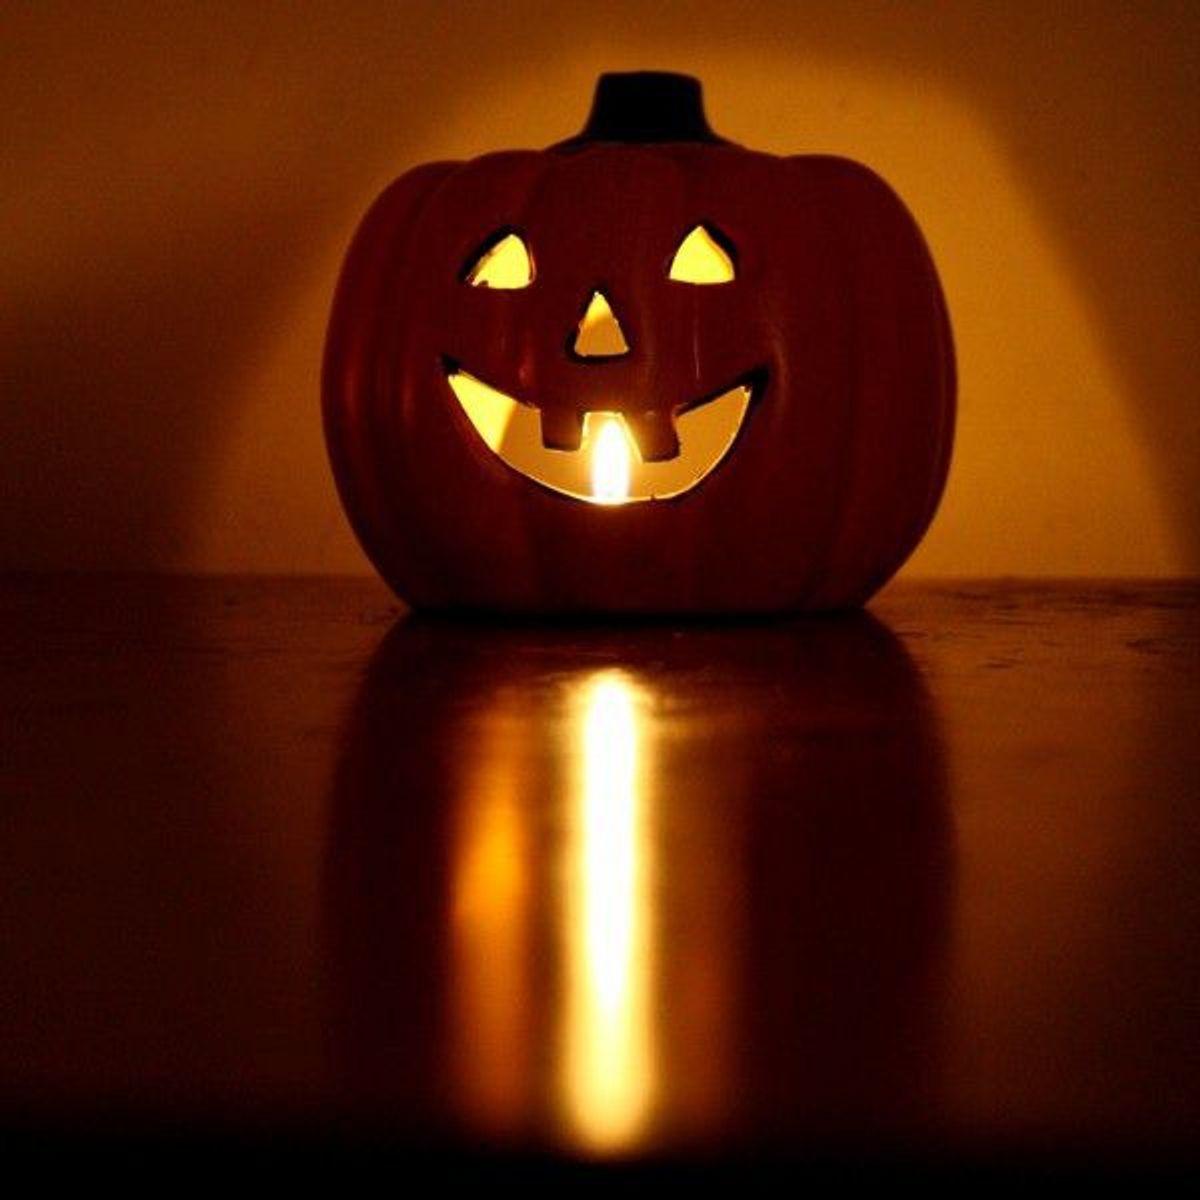 12 Easy Last Minute Halloween Costume Ideas